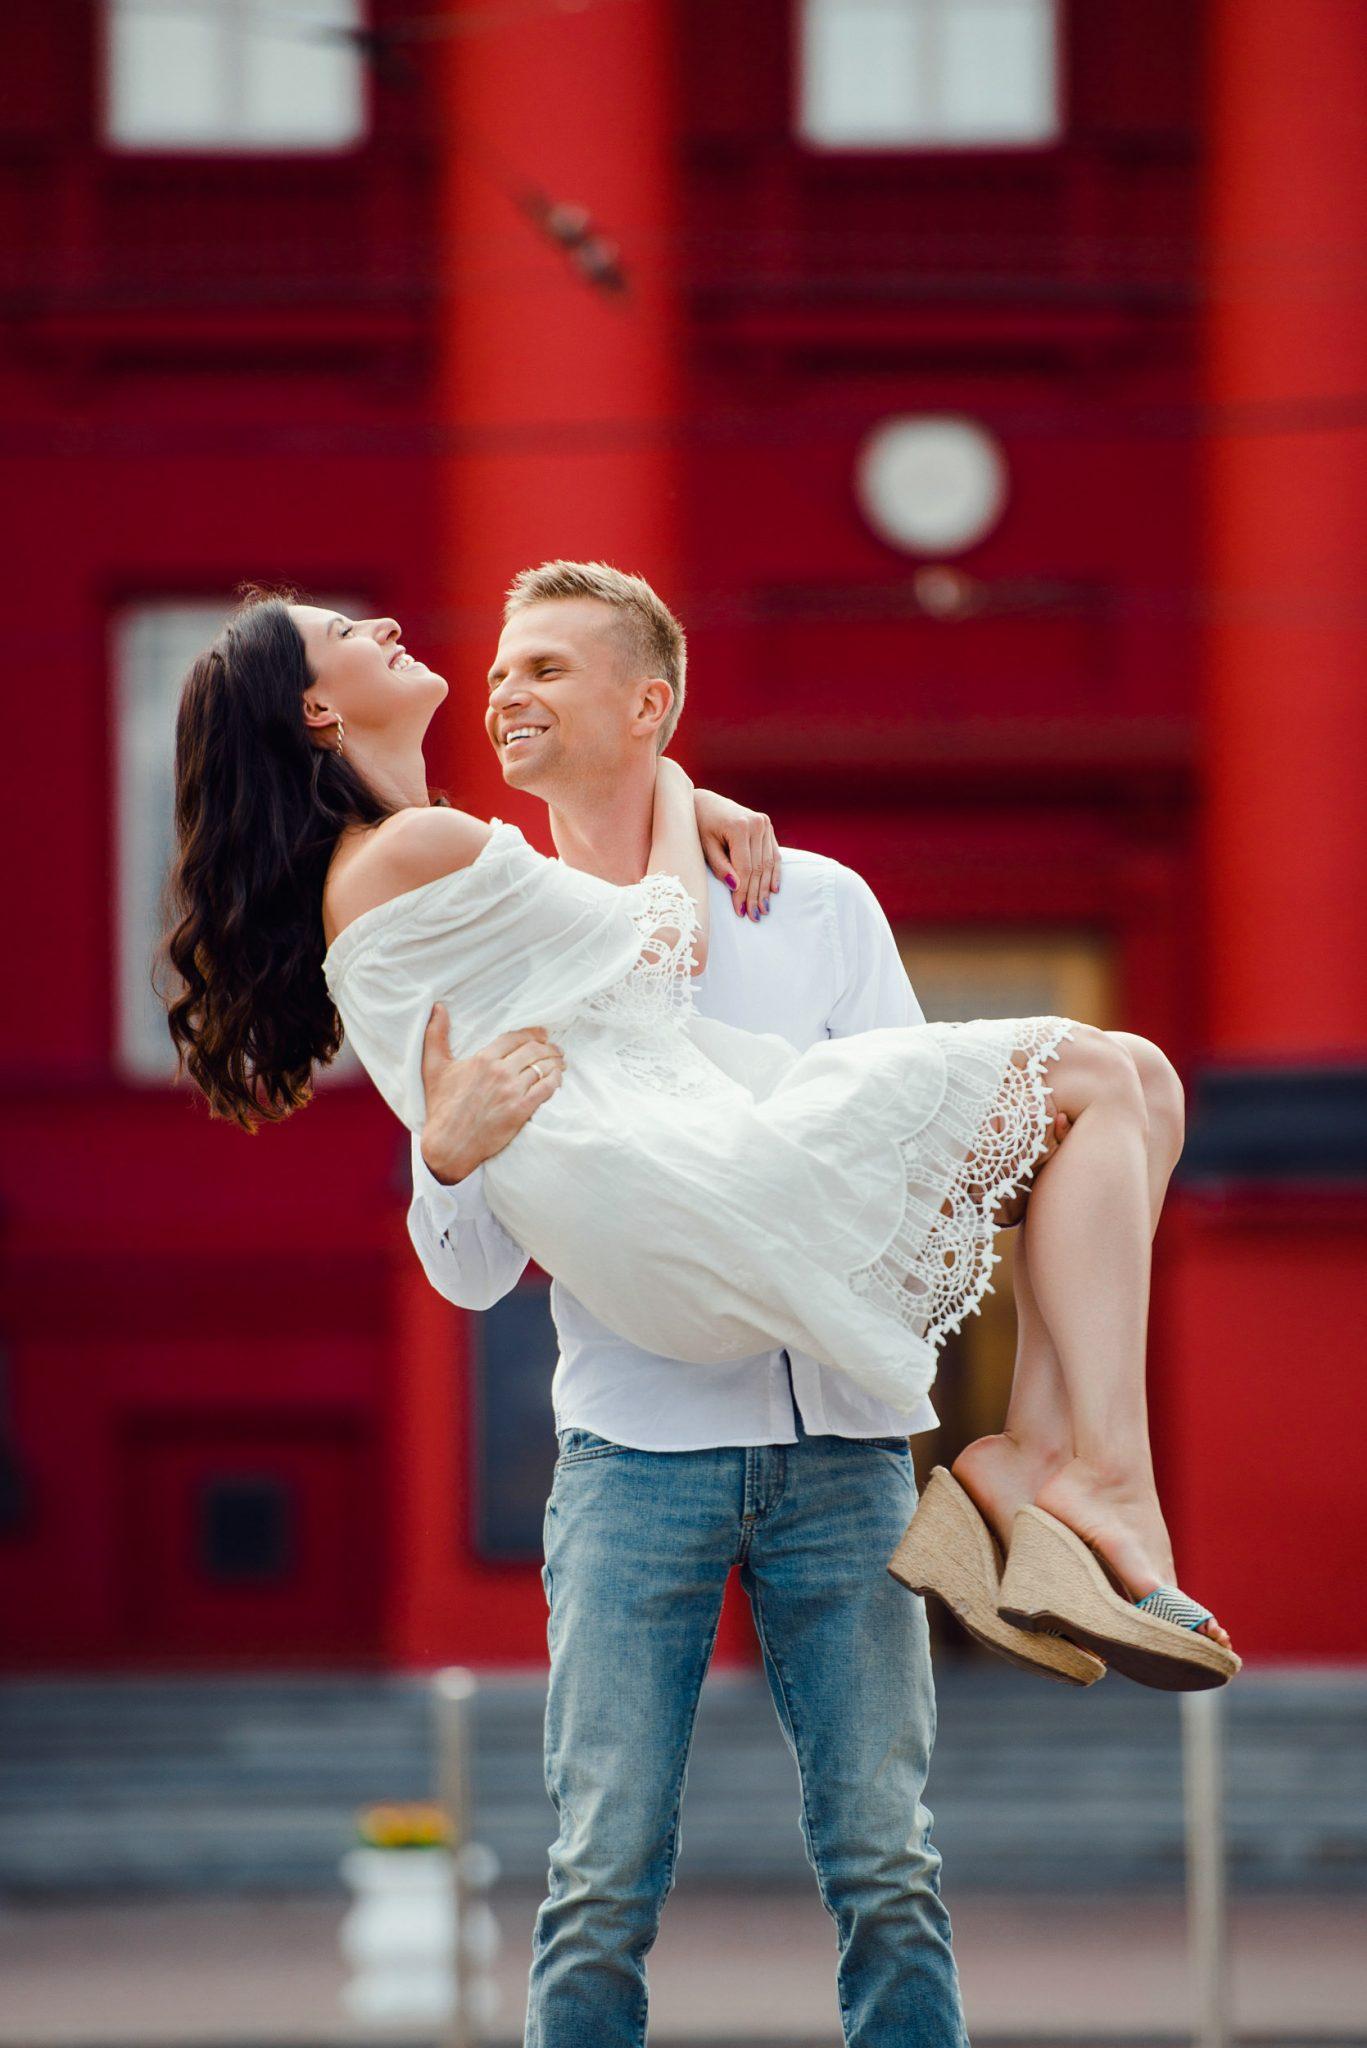 Love Story на природе, на фоне красного корпуса ун. Шевченко, девушка на руках у мужчины